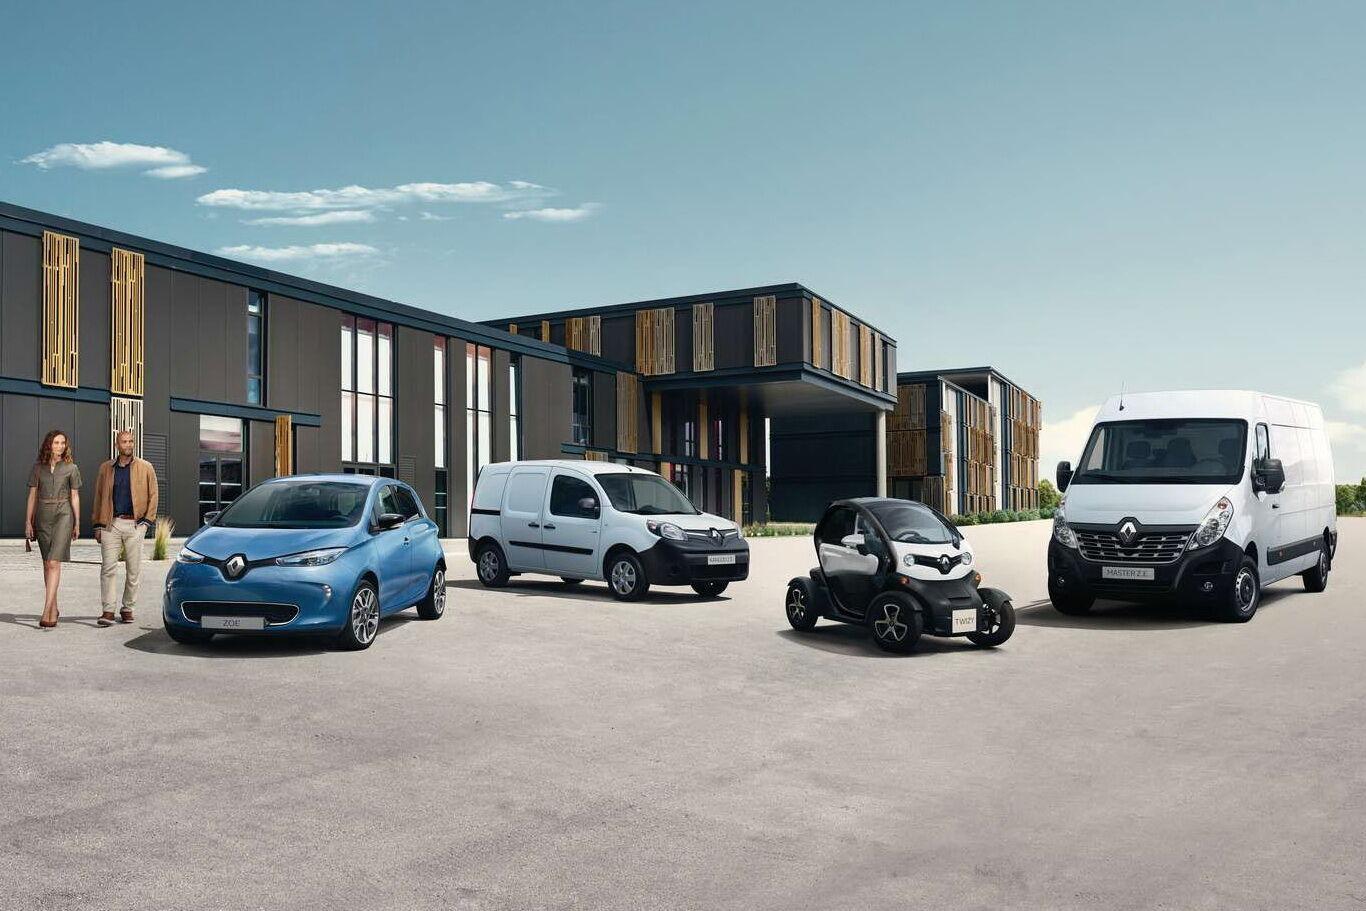 Із січня до листопада 2020 на країнах Європи Renault реалізувала 95 985 електромобілів